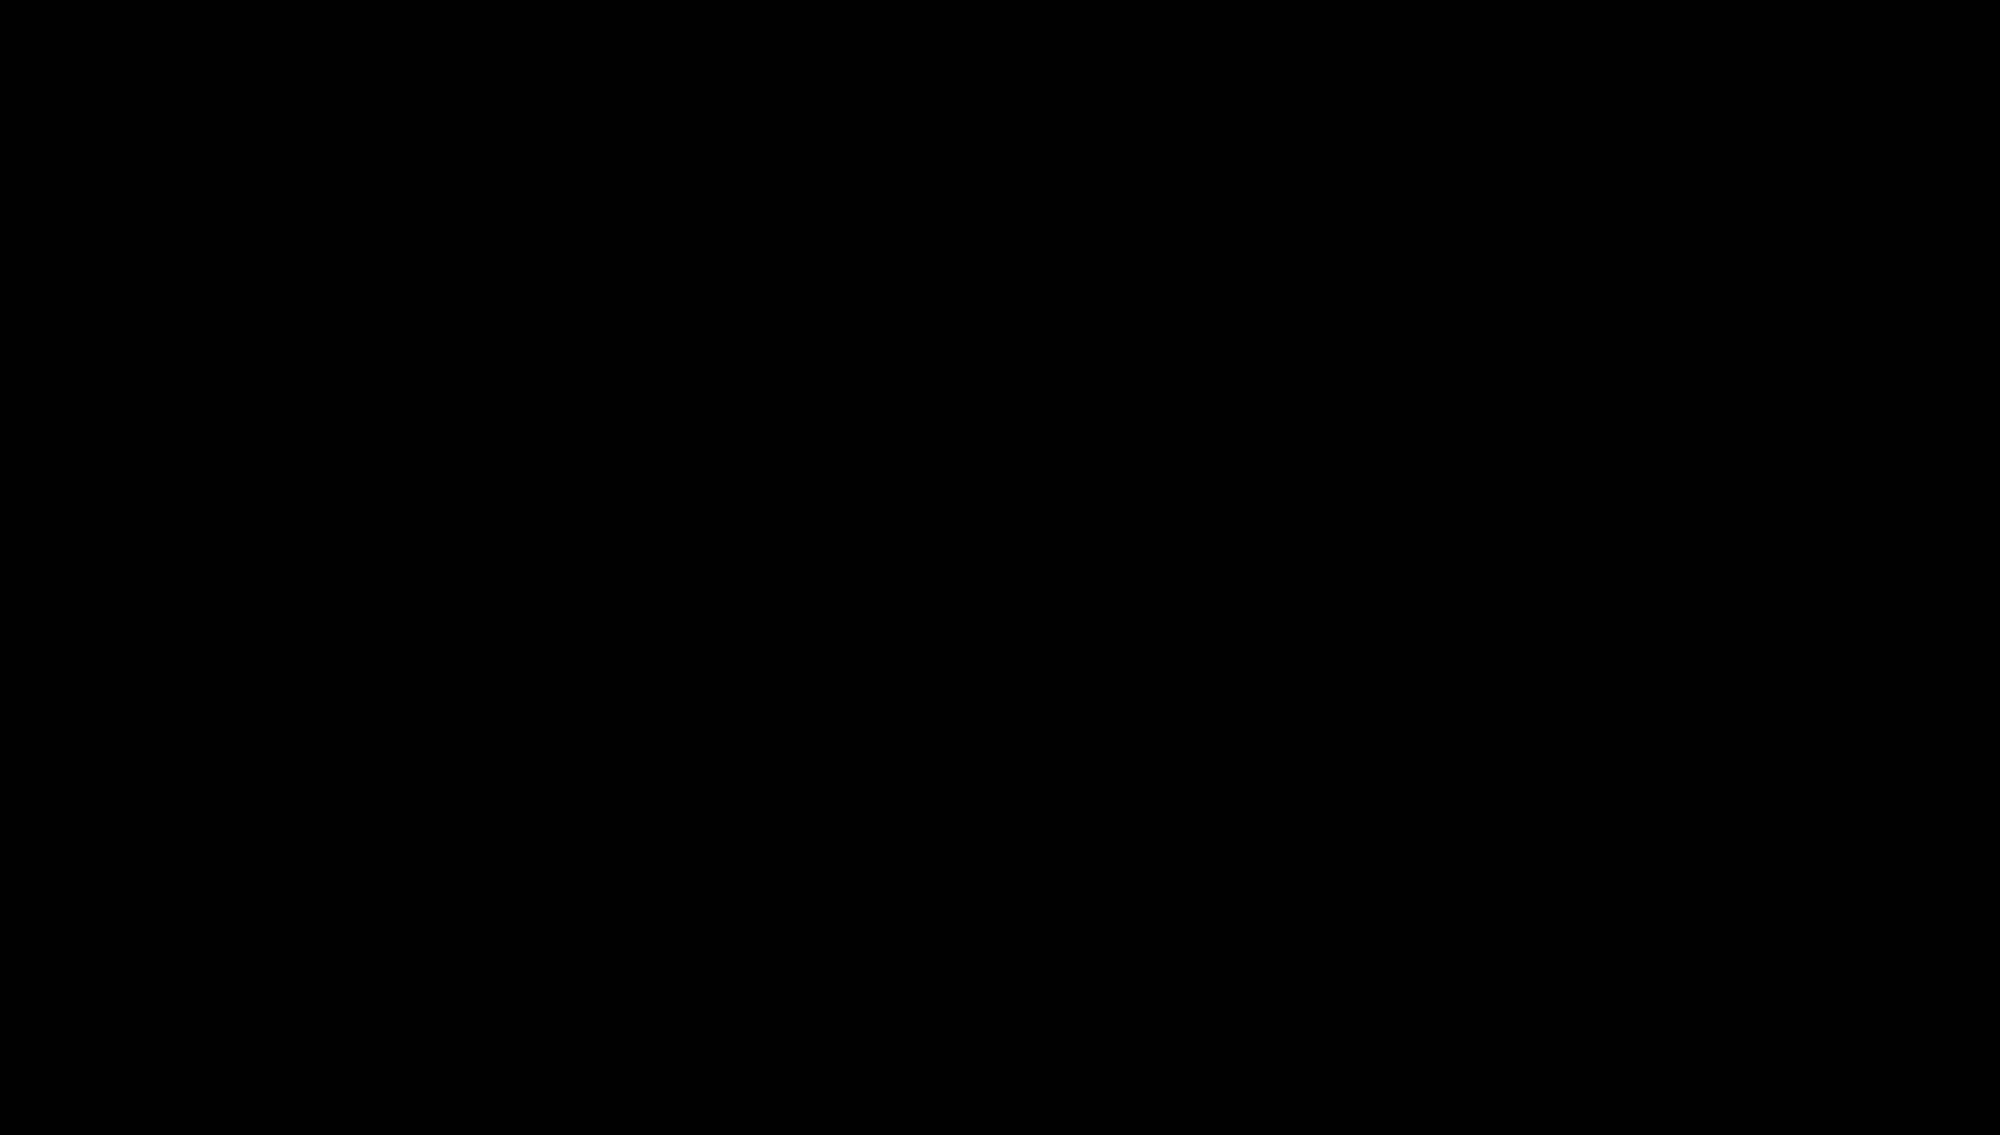 Diver silhouette clip art. Couple clipart scuba diving